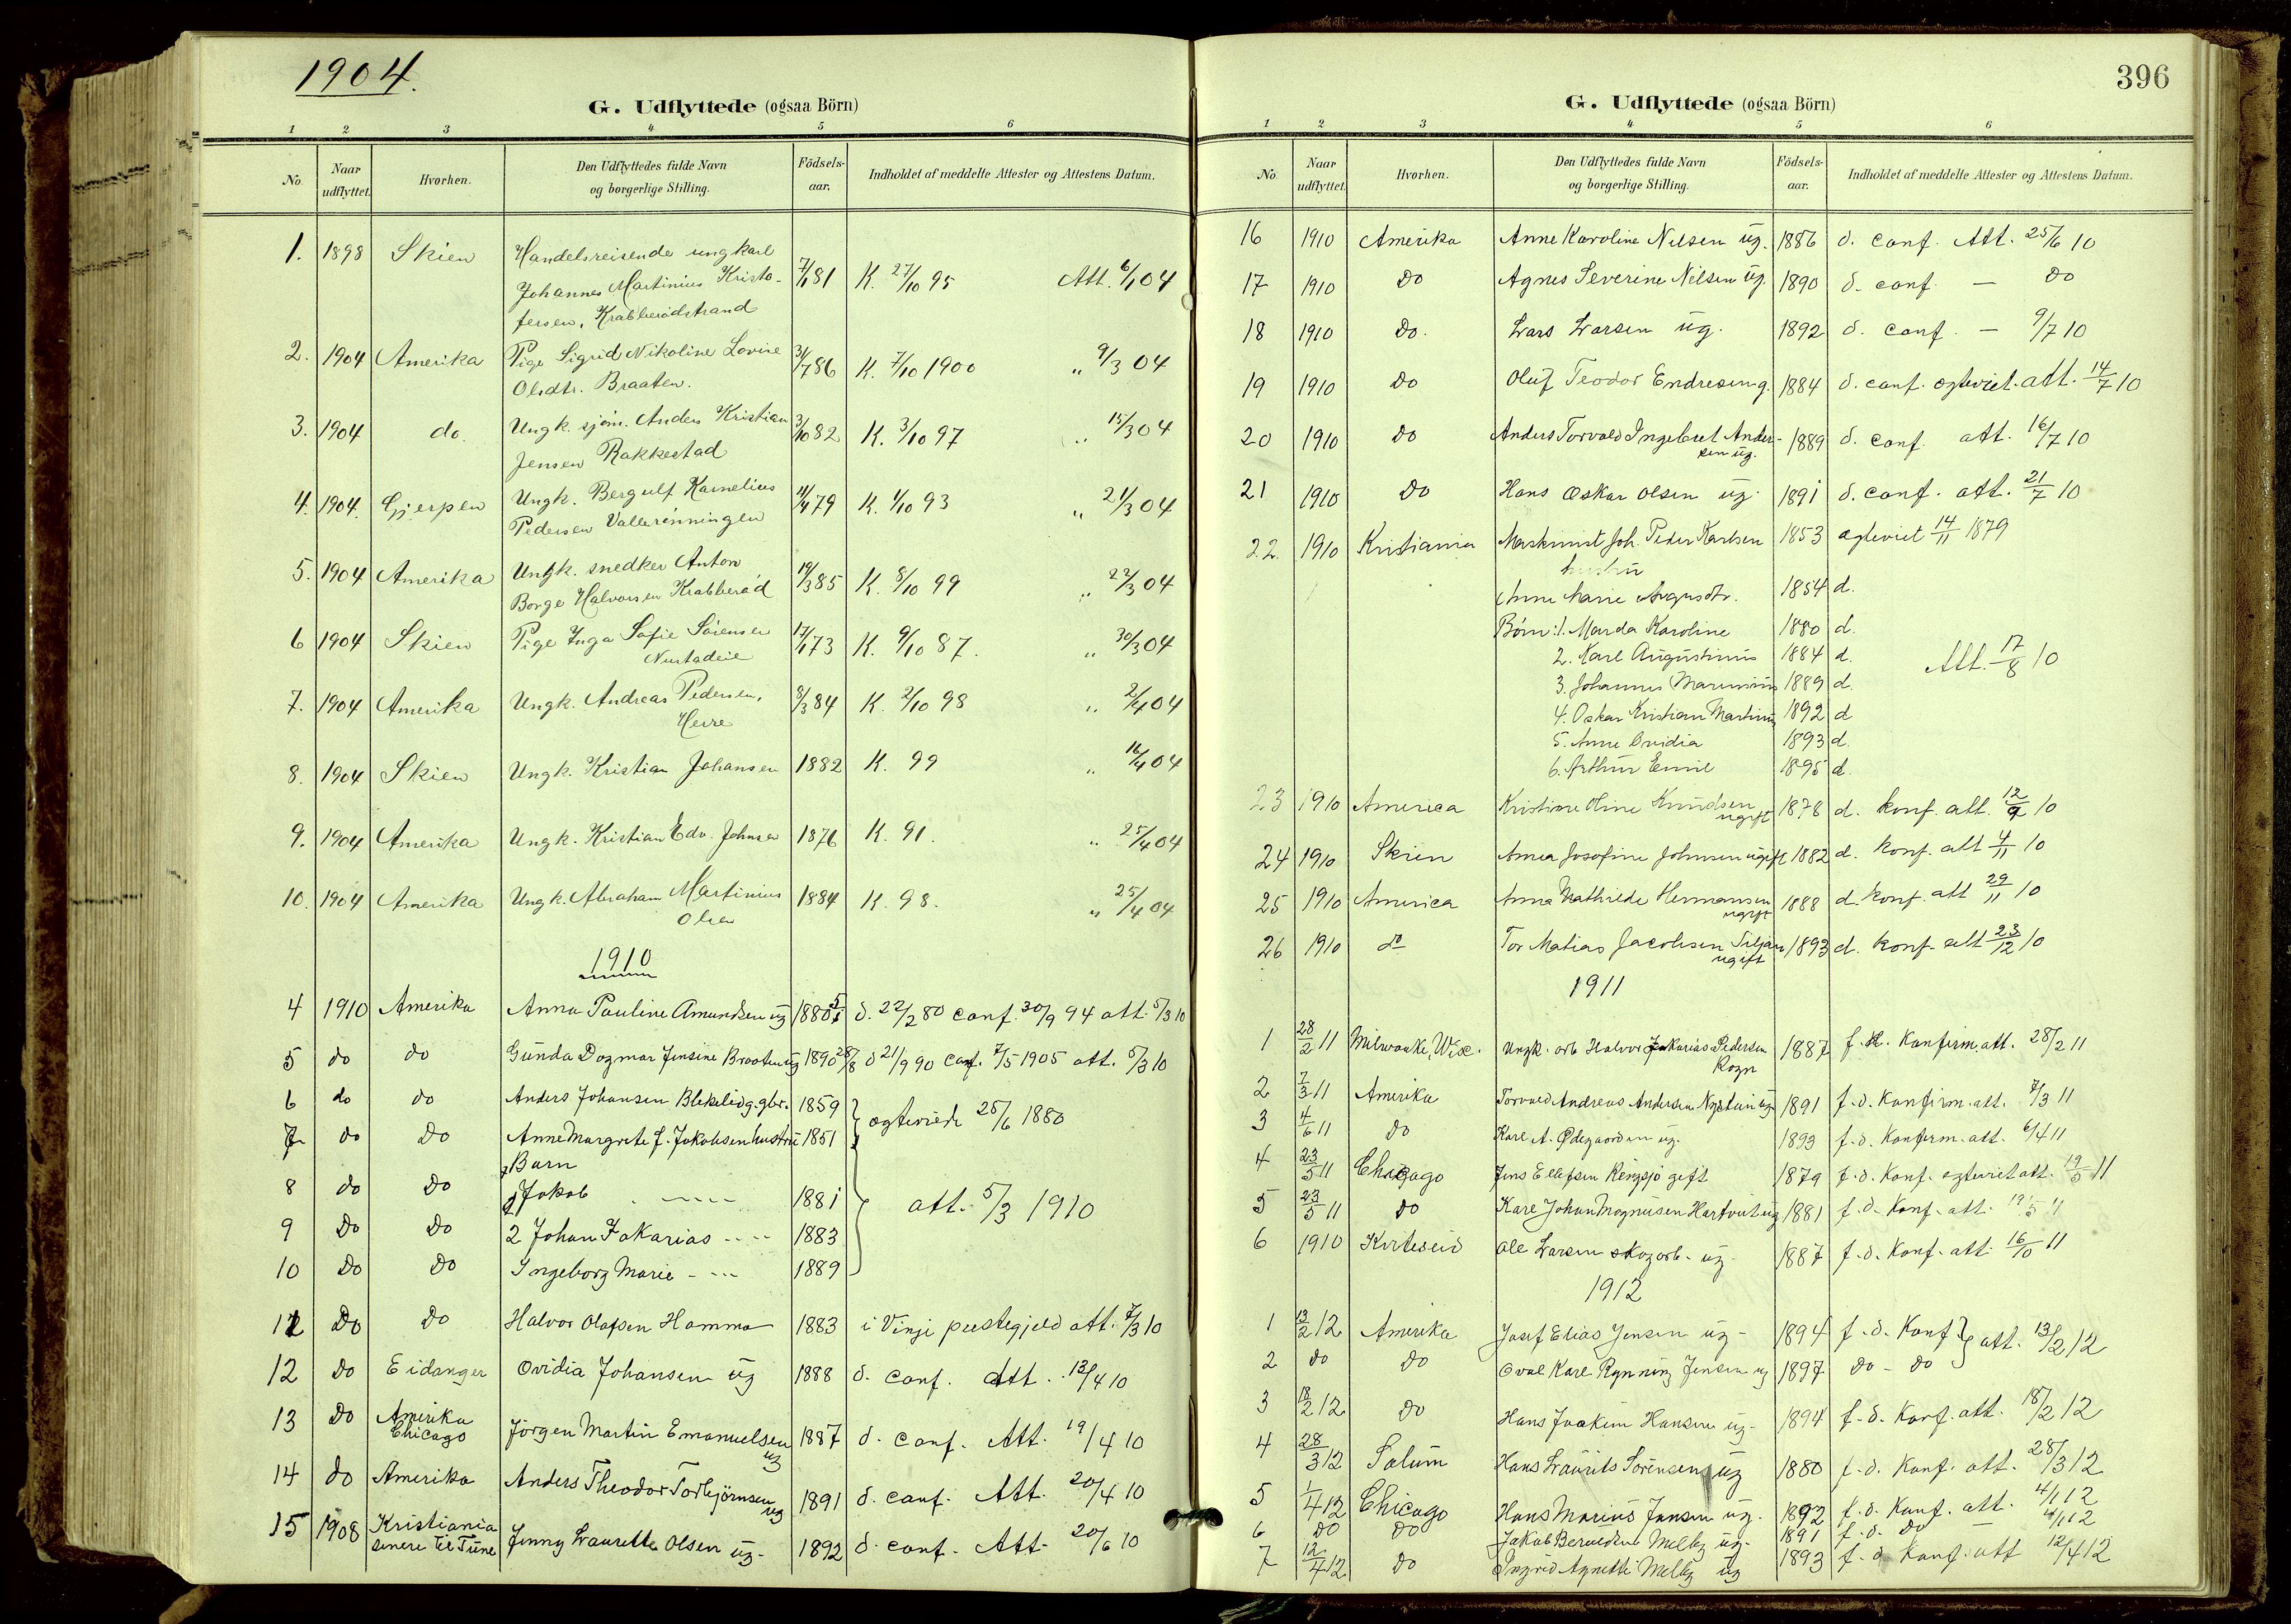 SAKO, Bamble kirkebøker, G/Ga/L0010: Klokkerbok nr. I 10, 1901-1919, s. 396